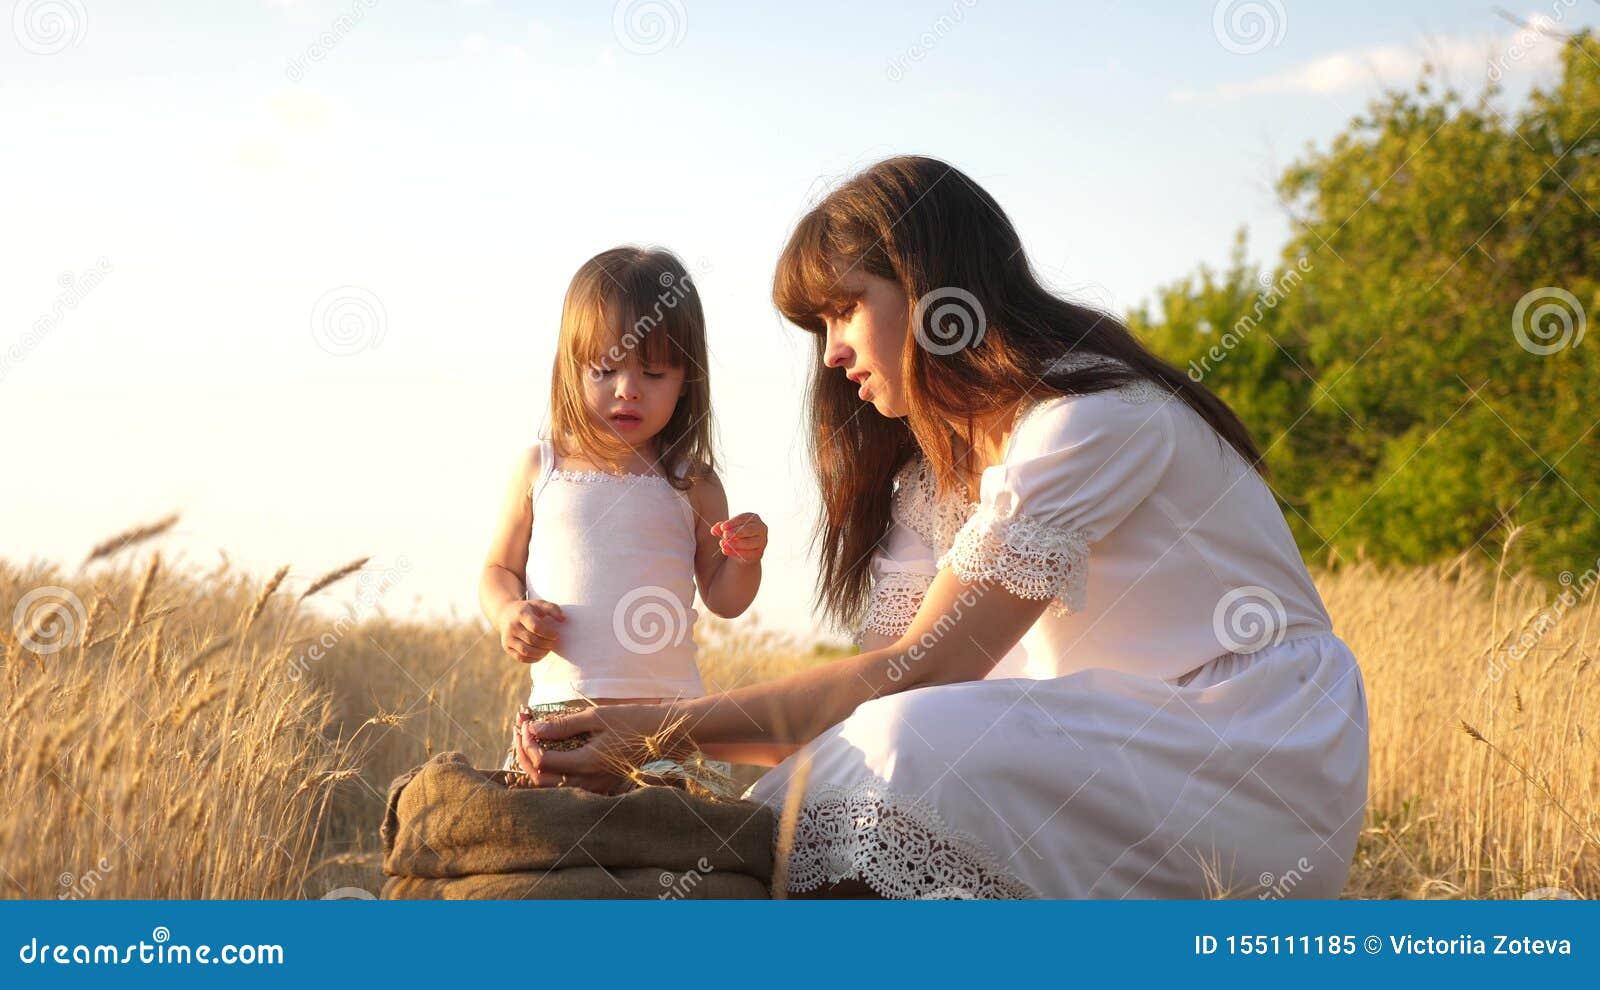 Зерно пшеницы в руках ребенка мать и меньший ребенок играют с зерном в сумке на пшеничном поле ребенок